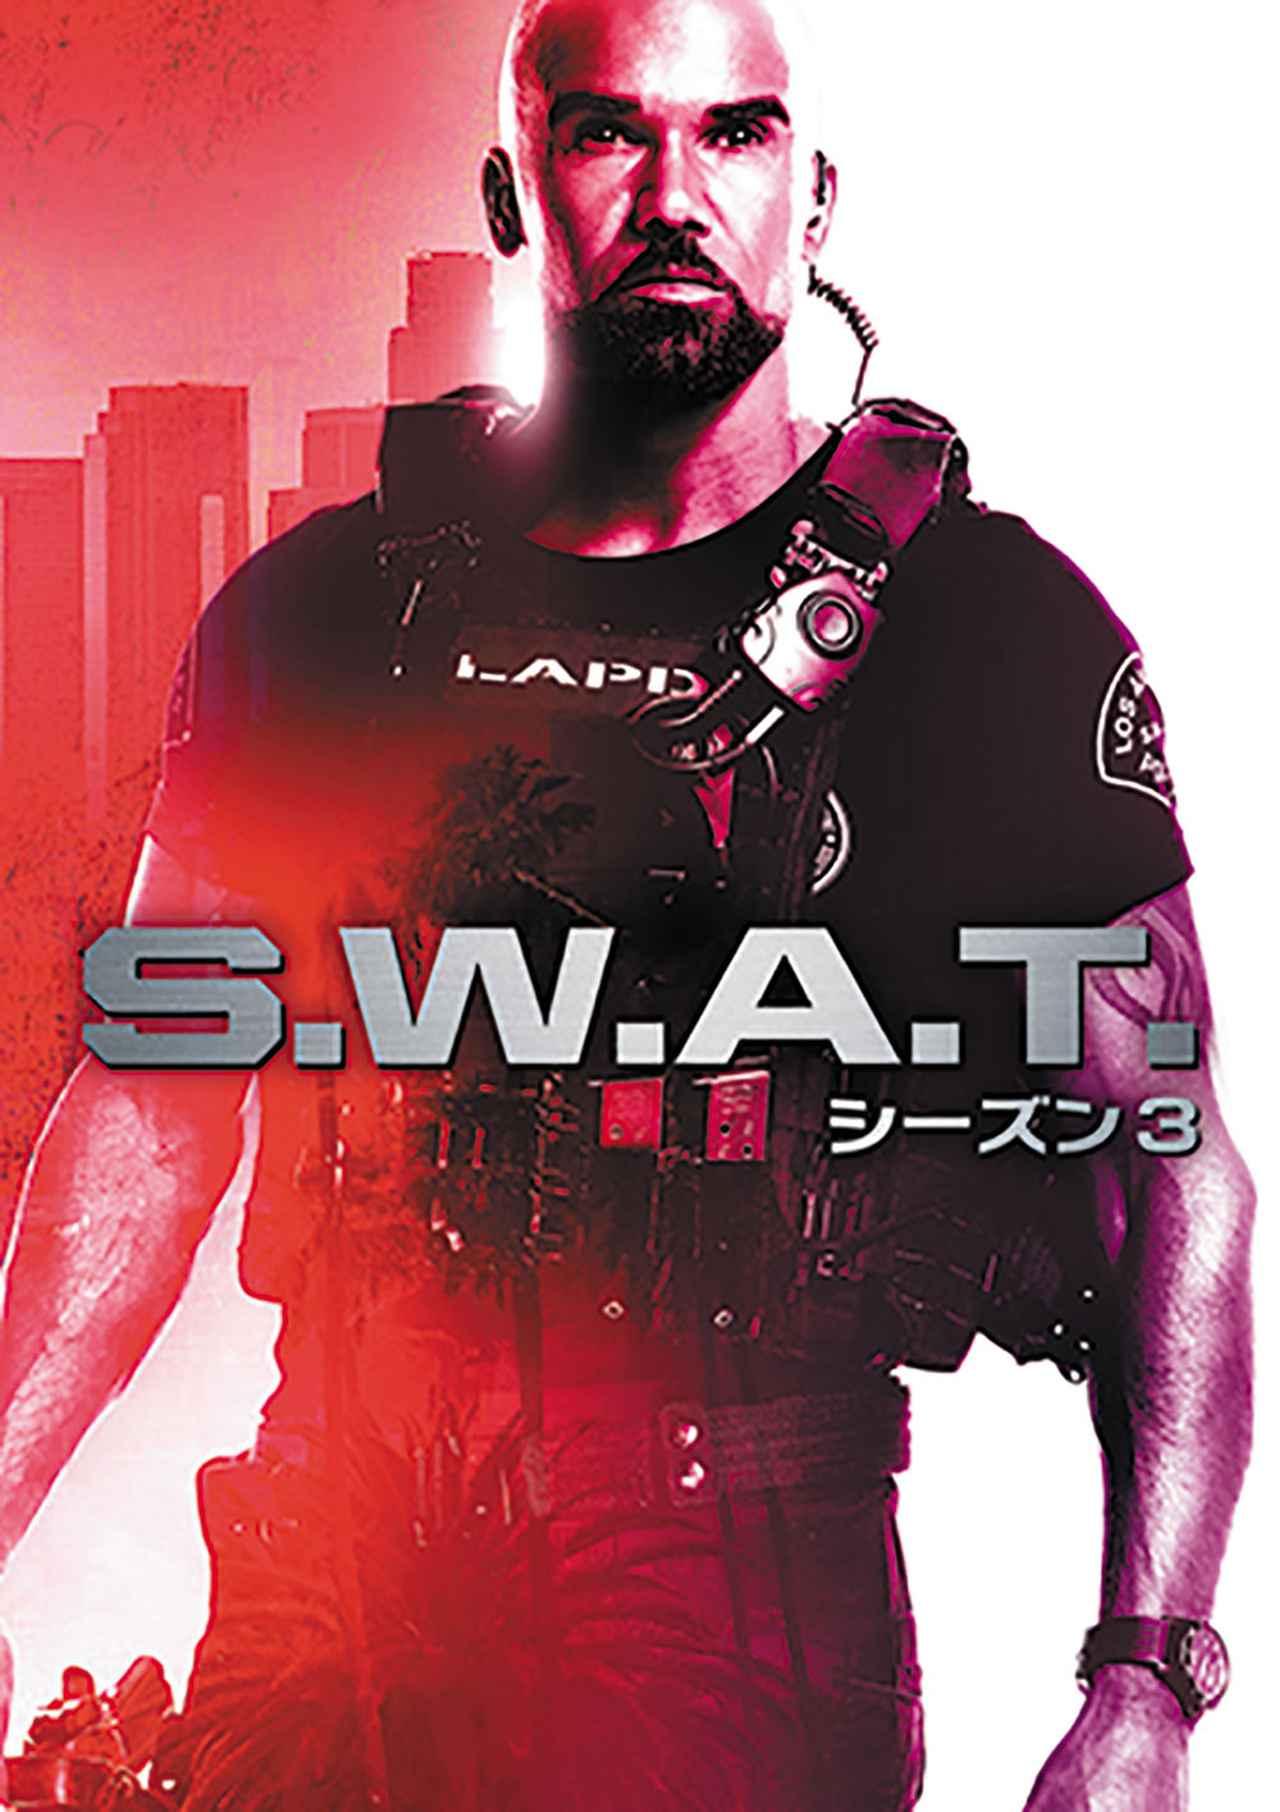 画像7: TVでもDVDでもやっぱりアツい!「S.W.A.T」の見どころをチェック